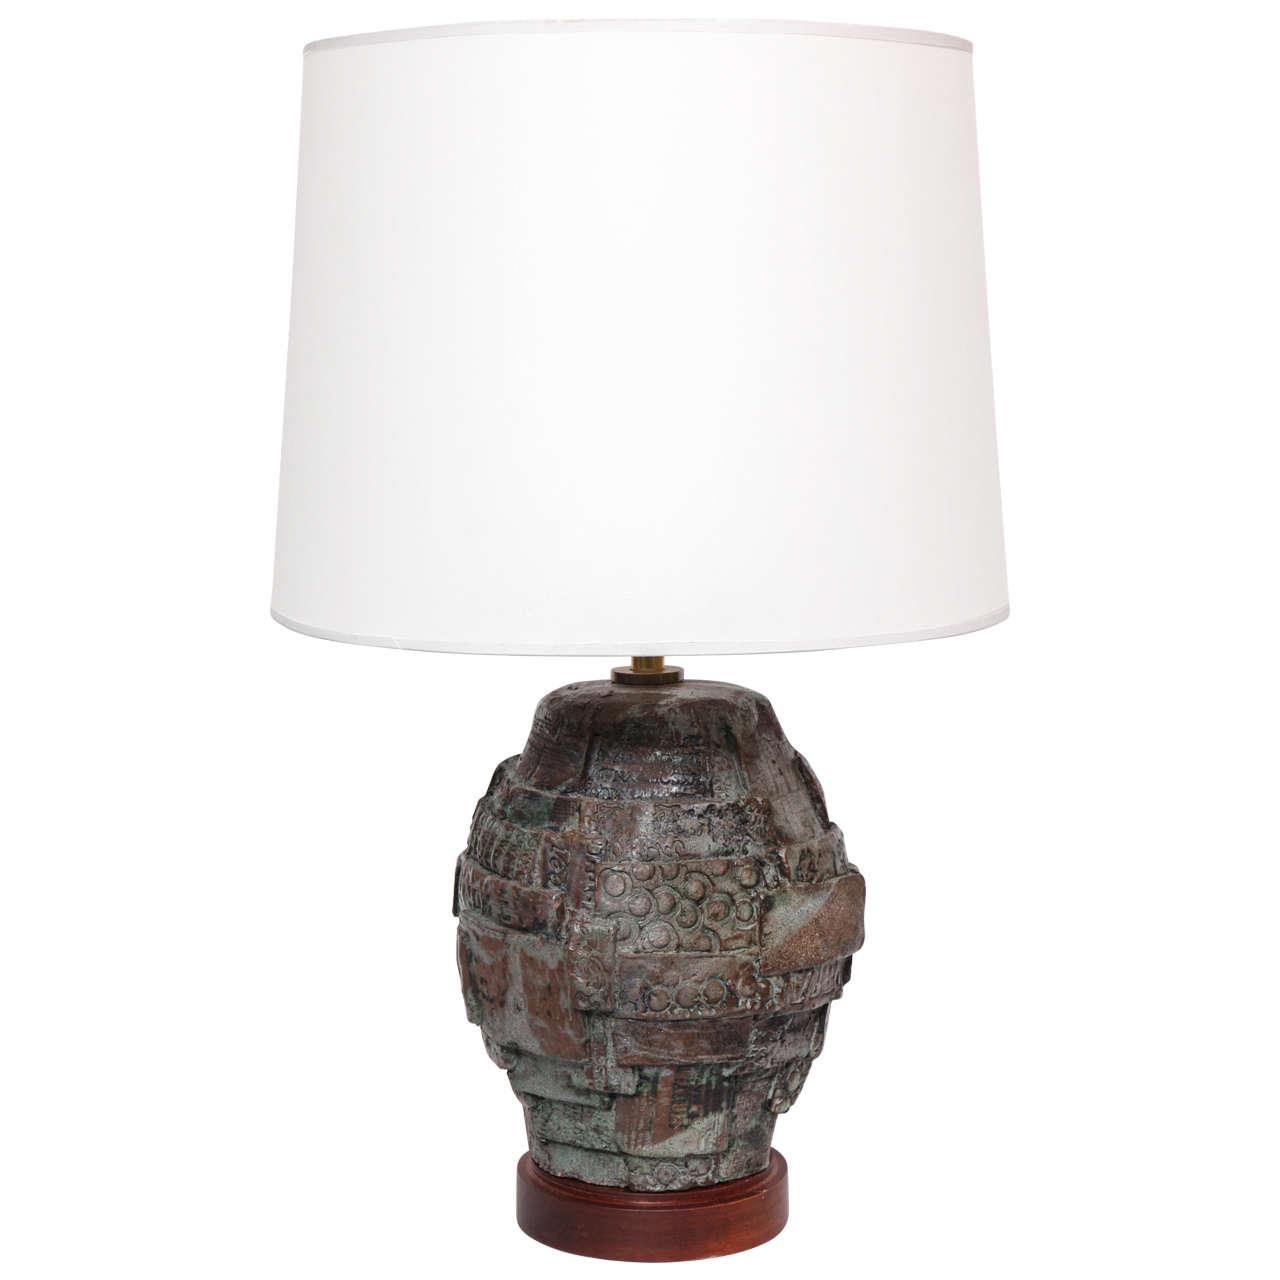 1960s Italian Brutalist Ceramic Table Lamp